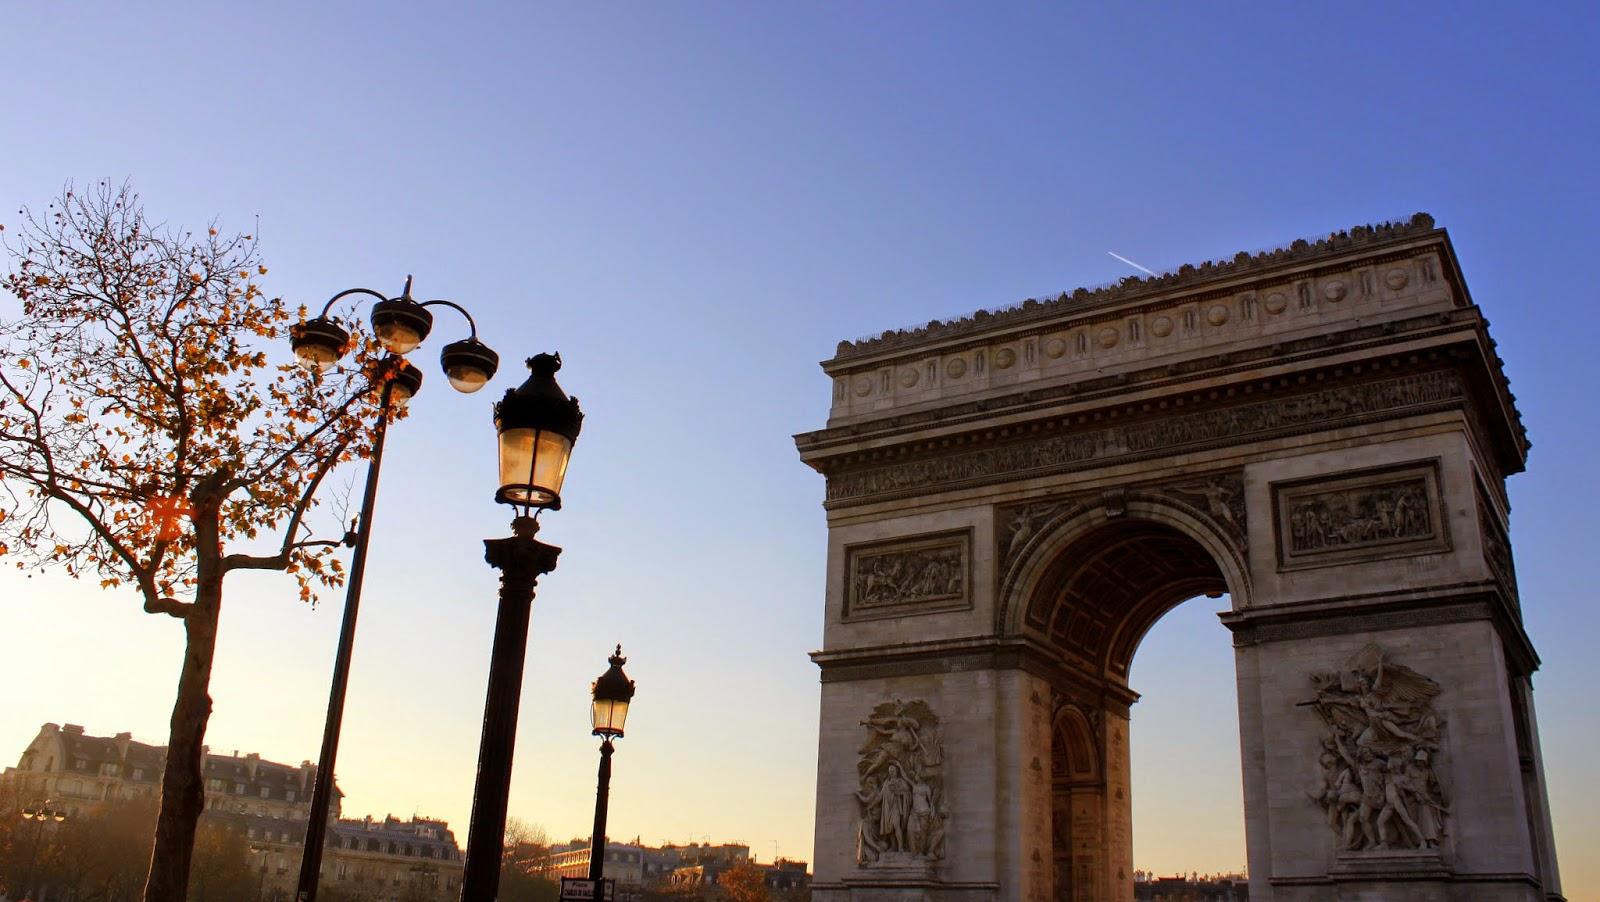 Arc de triomphe París